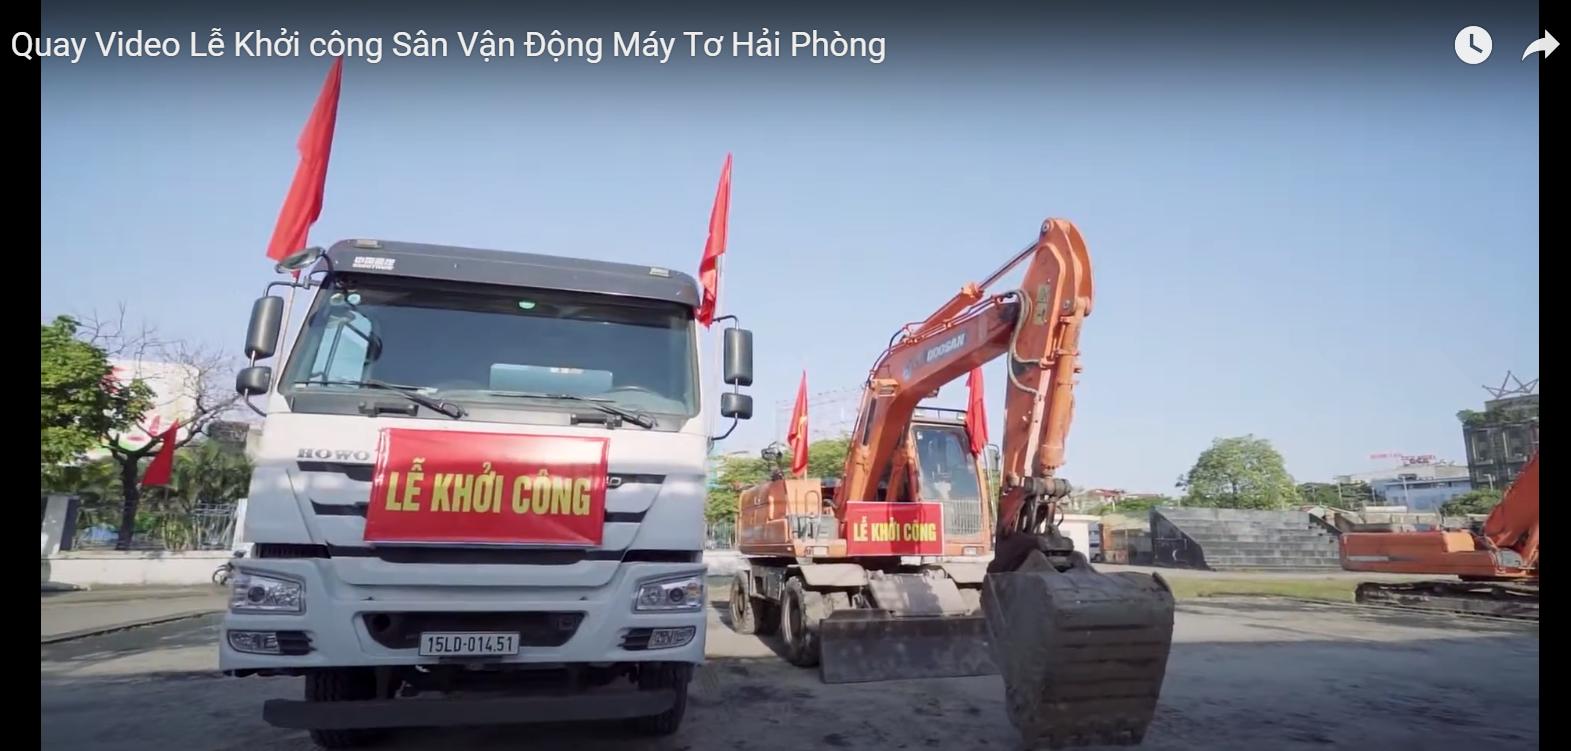 Dự án cải tạo, chỉnh trang khu vực sân vận động Máy Tơ, quận Ngô Quyền thành công viên cây xanh